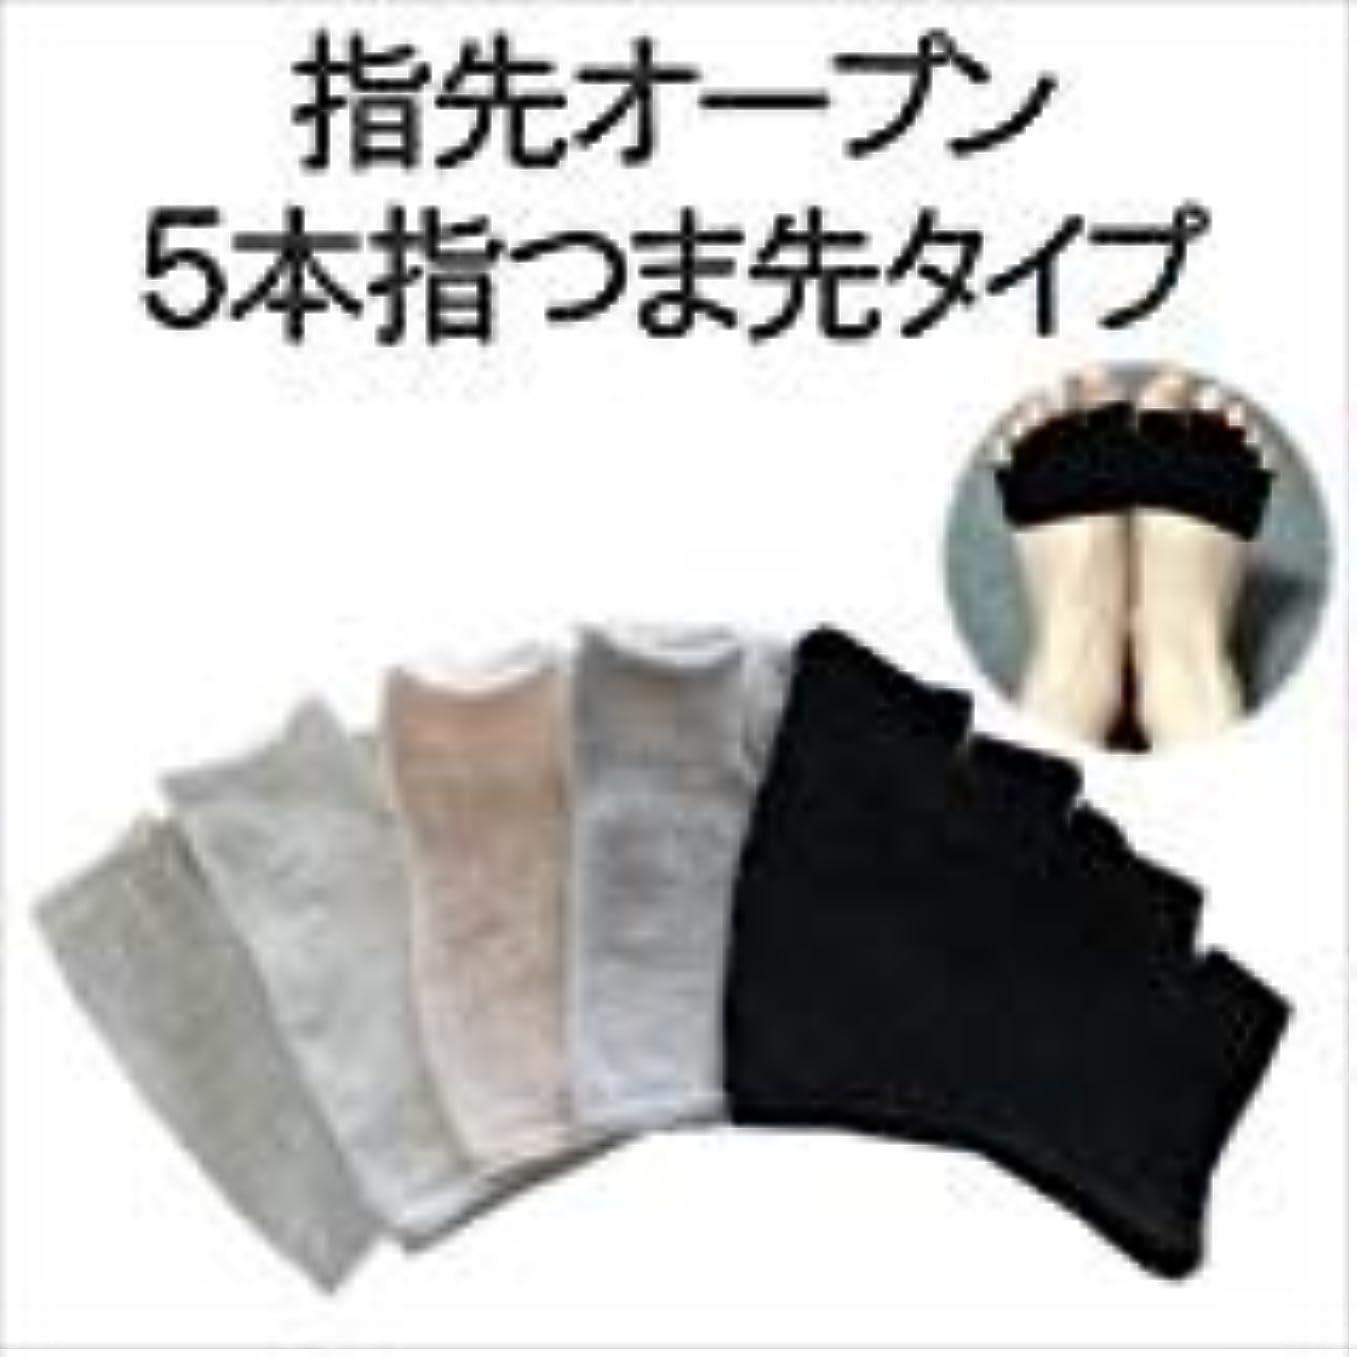 事実いっぱい不純重ね履き用 5本指 指先オープン 汗 臭い対策 男女兼用 太陽ニット 310 (ブラック)